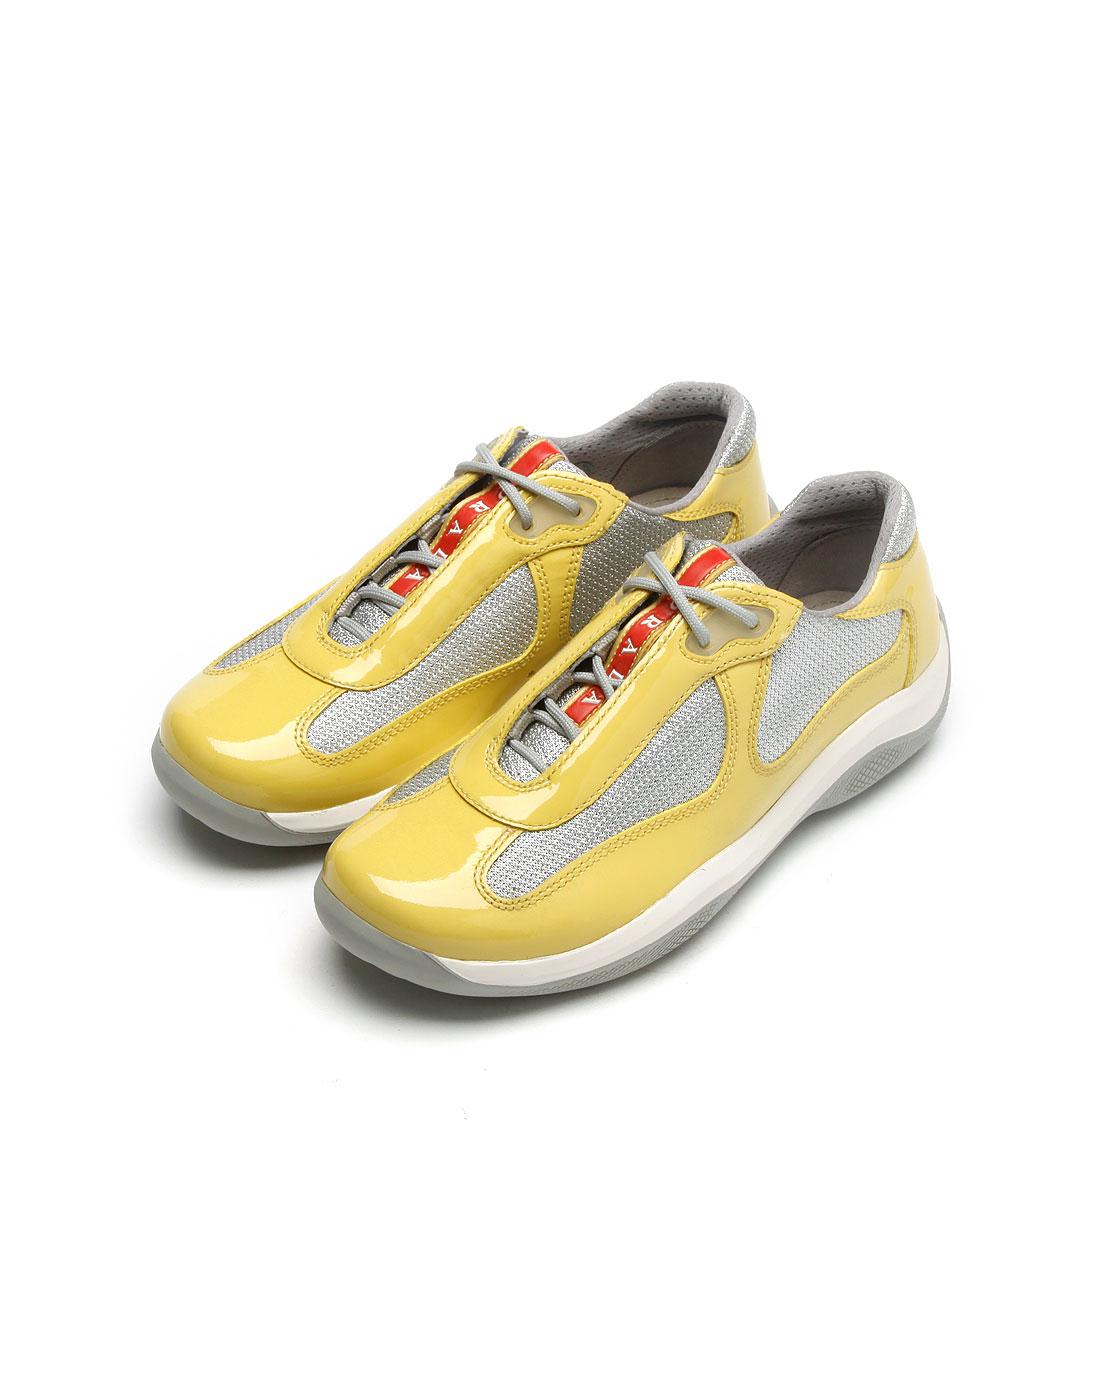 女款亮黄色网布拼皮鞋